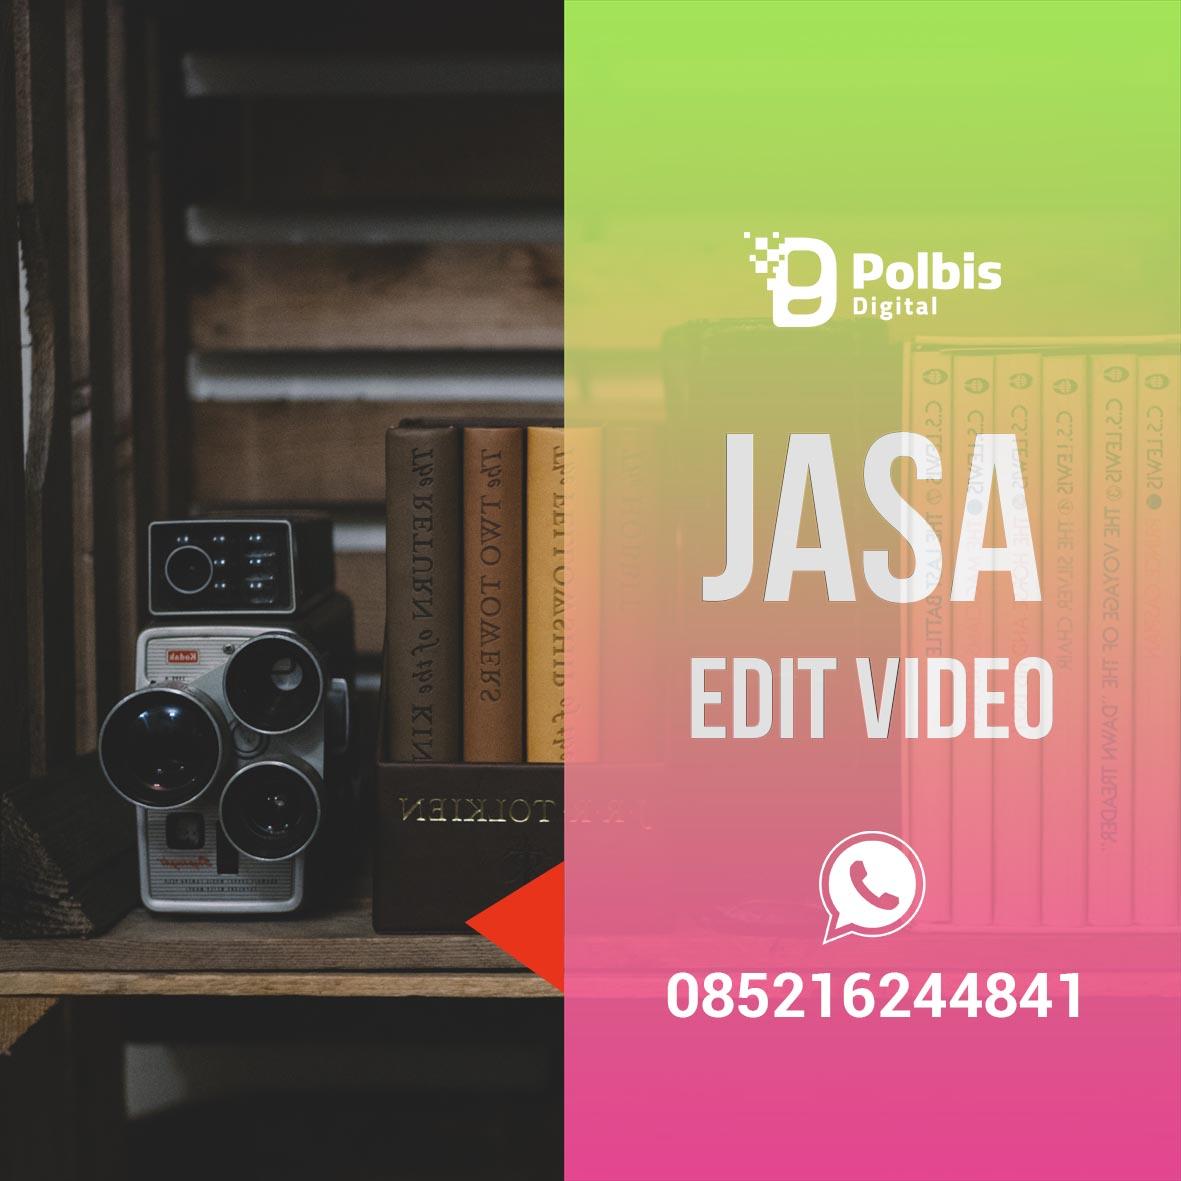 JASA EDIT VIDEO MURAH DAN BERKUALITAS DI JAMBI